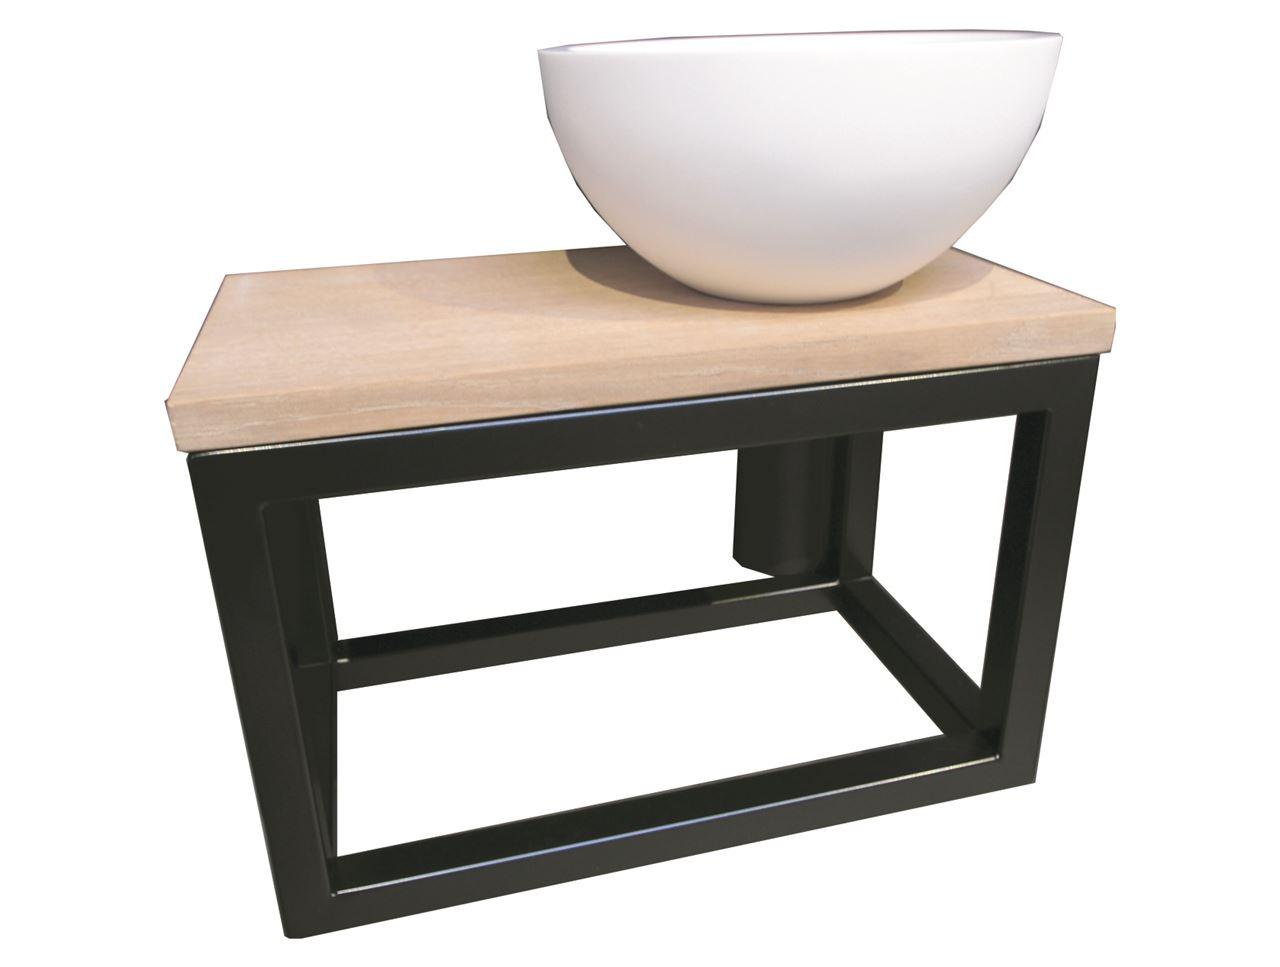 Mat Zwarte Kranen : Sc design fonteinset mat zwart stone company